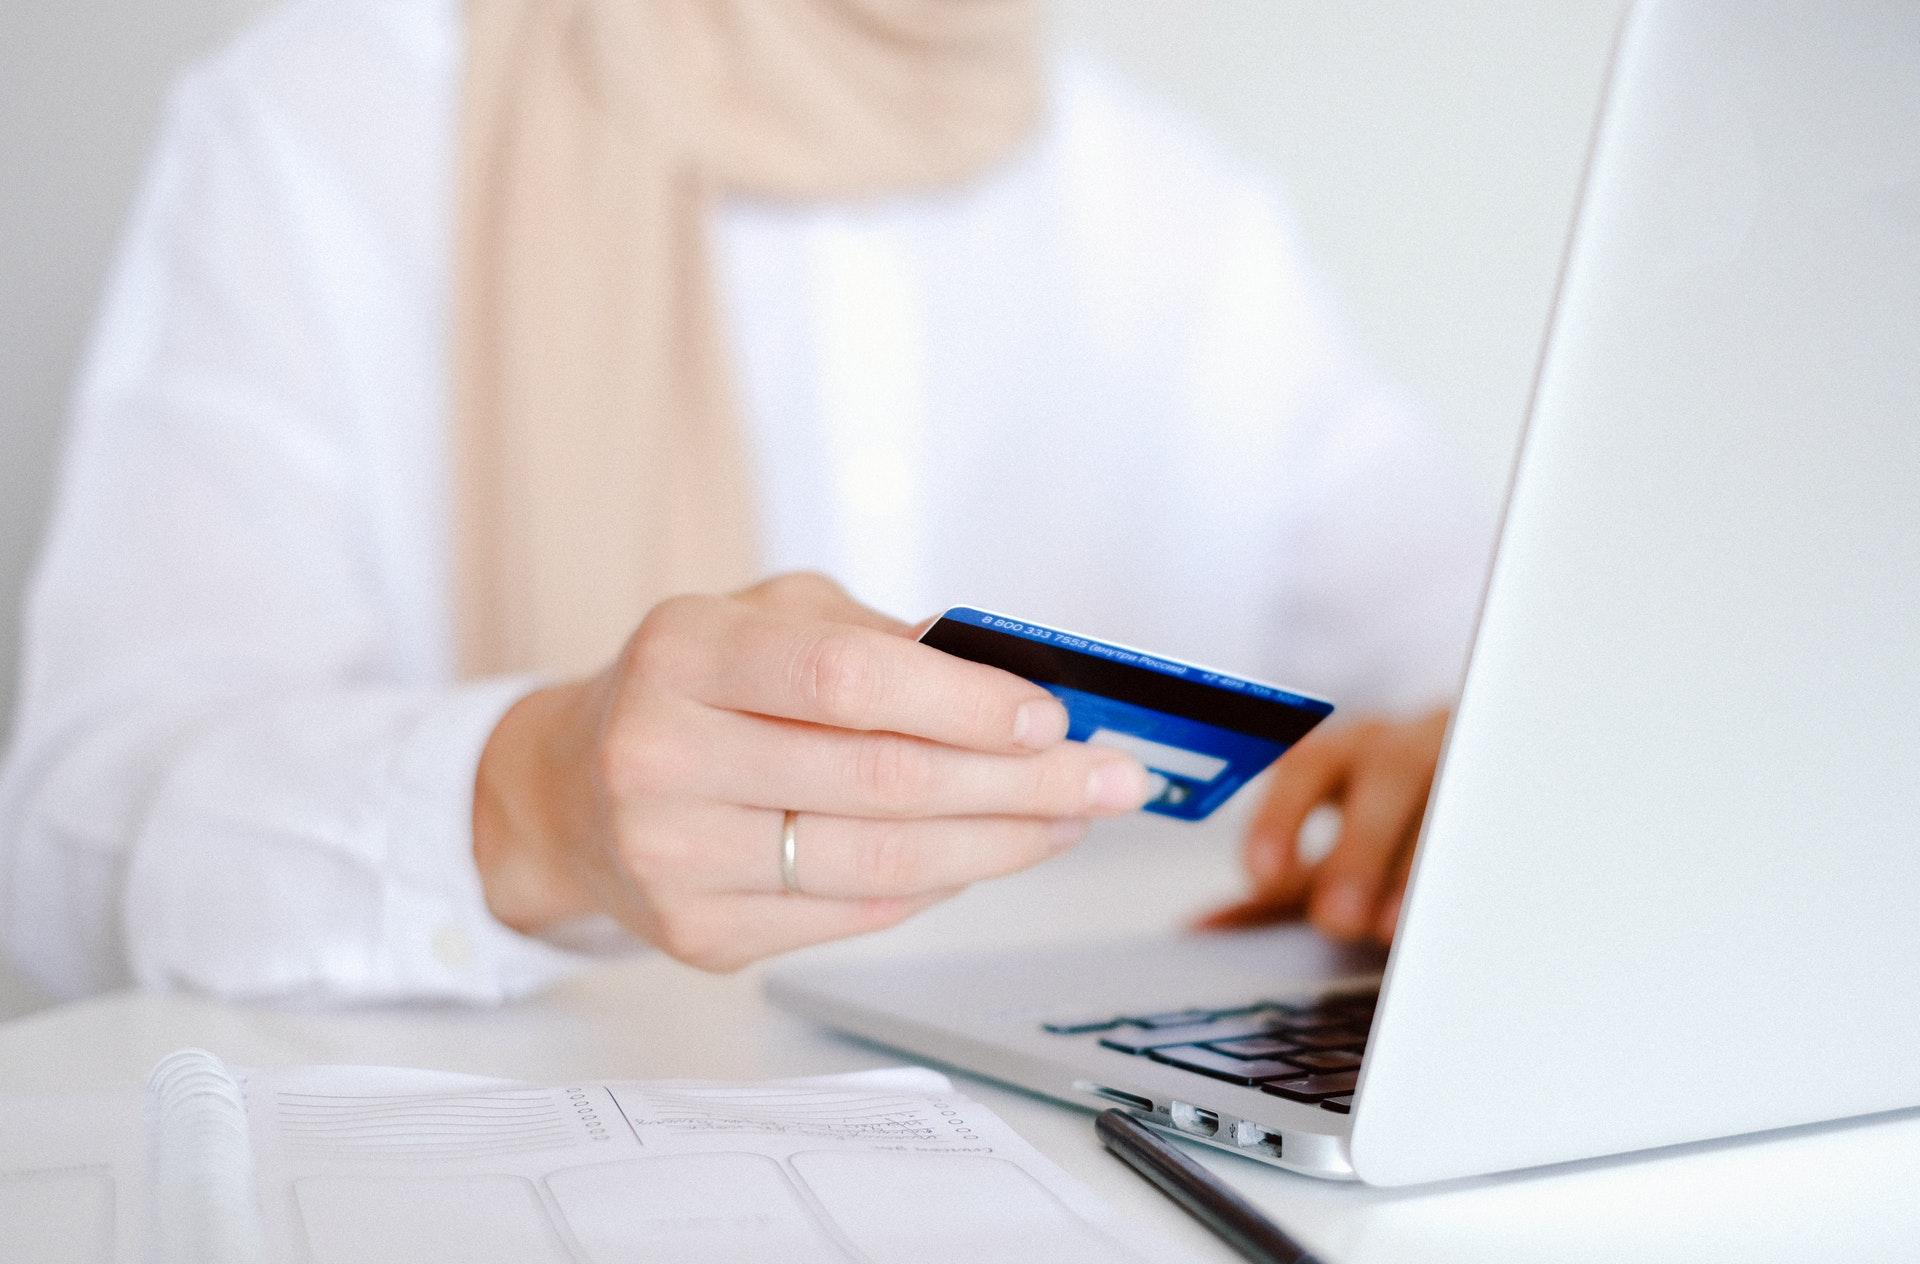 Эксперт Деменюк: у банковских карт существует дополнительная защита в виде подписи владельца